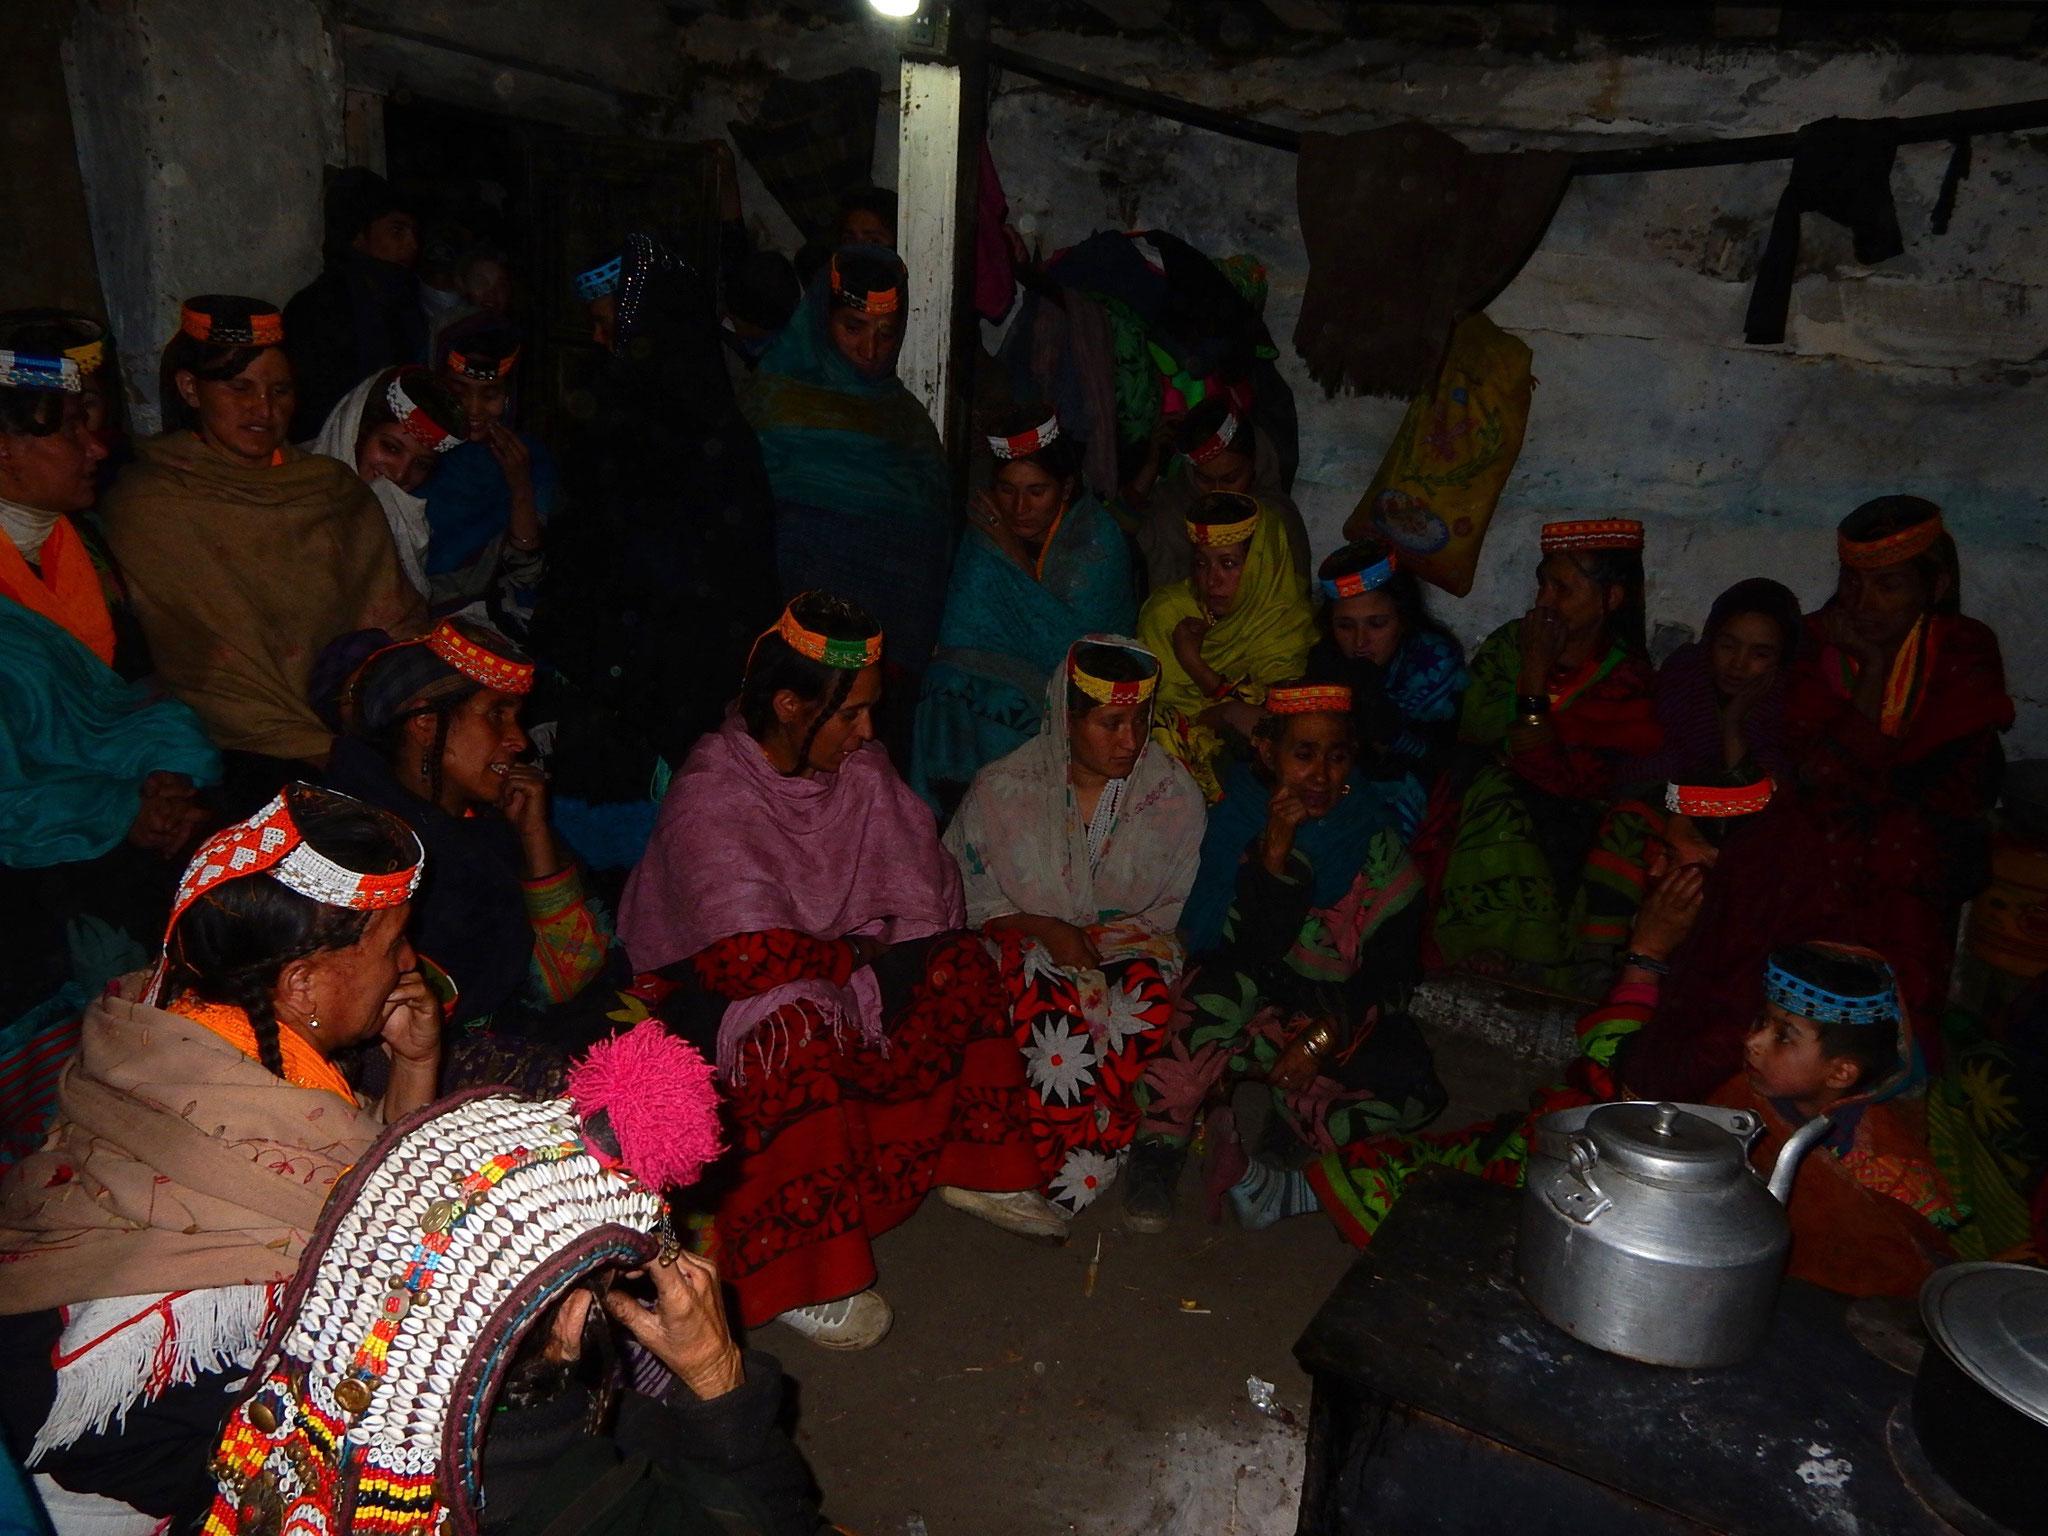 カラスに願掛け。村人が任意の家に集まって、徹夜で新年への祈願を歌う。夜明けに外に出て、最初に飛び立つカラスに割ったクルミと煮た豆を投げつける。うまく行くと良い年になるという。